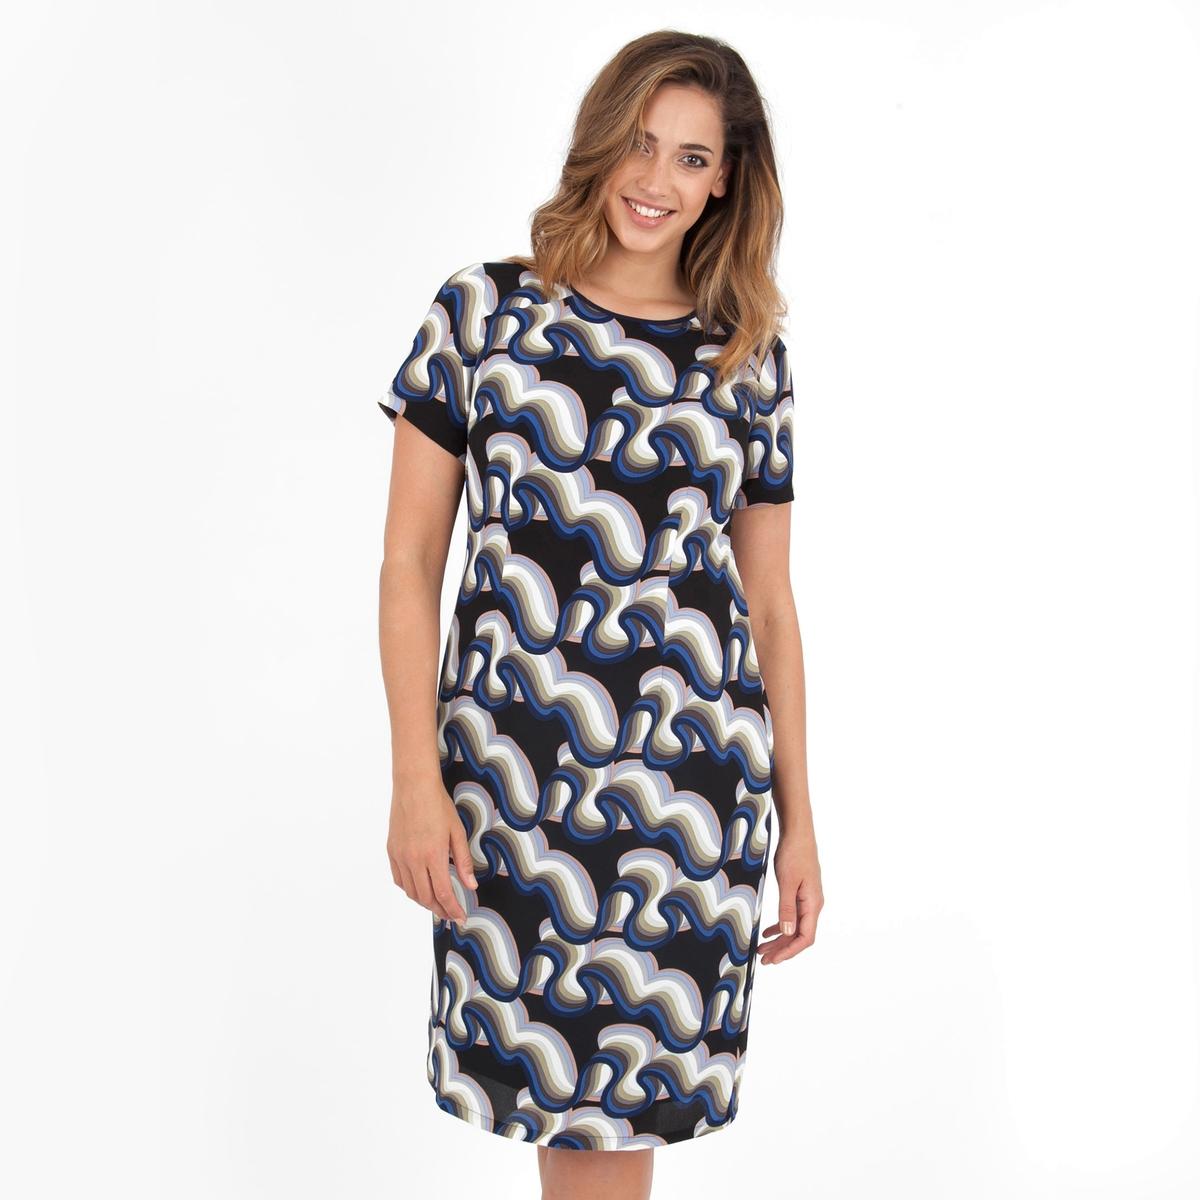 ПлатьеПлатье с короткими рукавами - LOVEDROBE. Круглый вырез. Длина ок.104 см. 100% полиэстера.<br><br>Цвет: набивной рисунок<br>Размер: 50/52 (FR) - 56/58 (RUS)